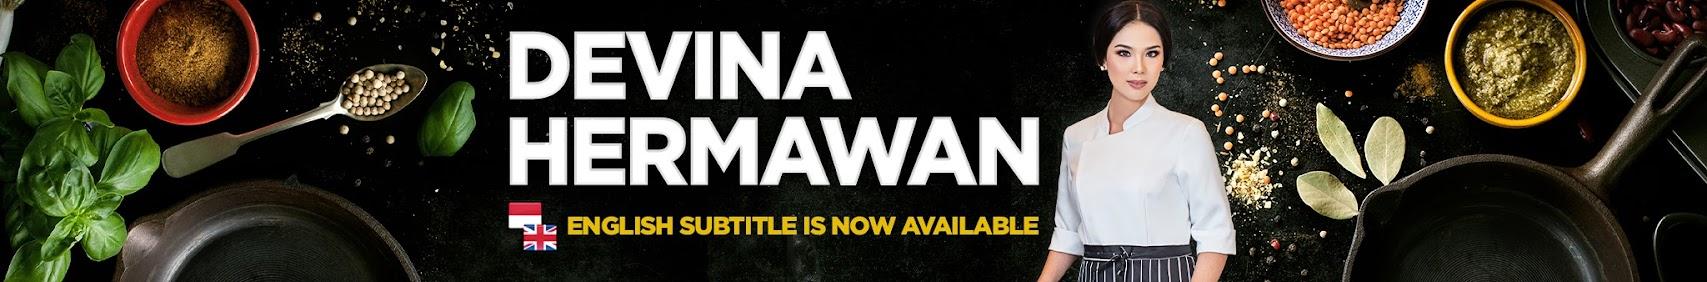 Devina Hermawan